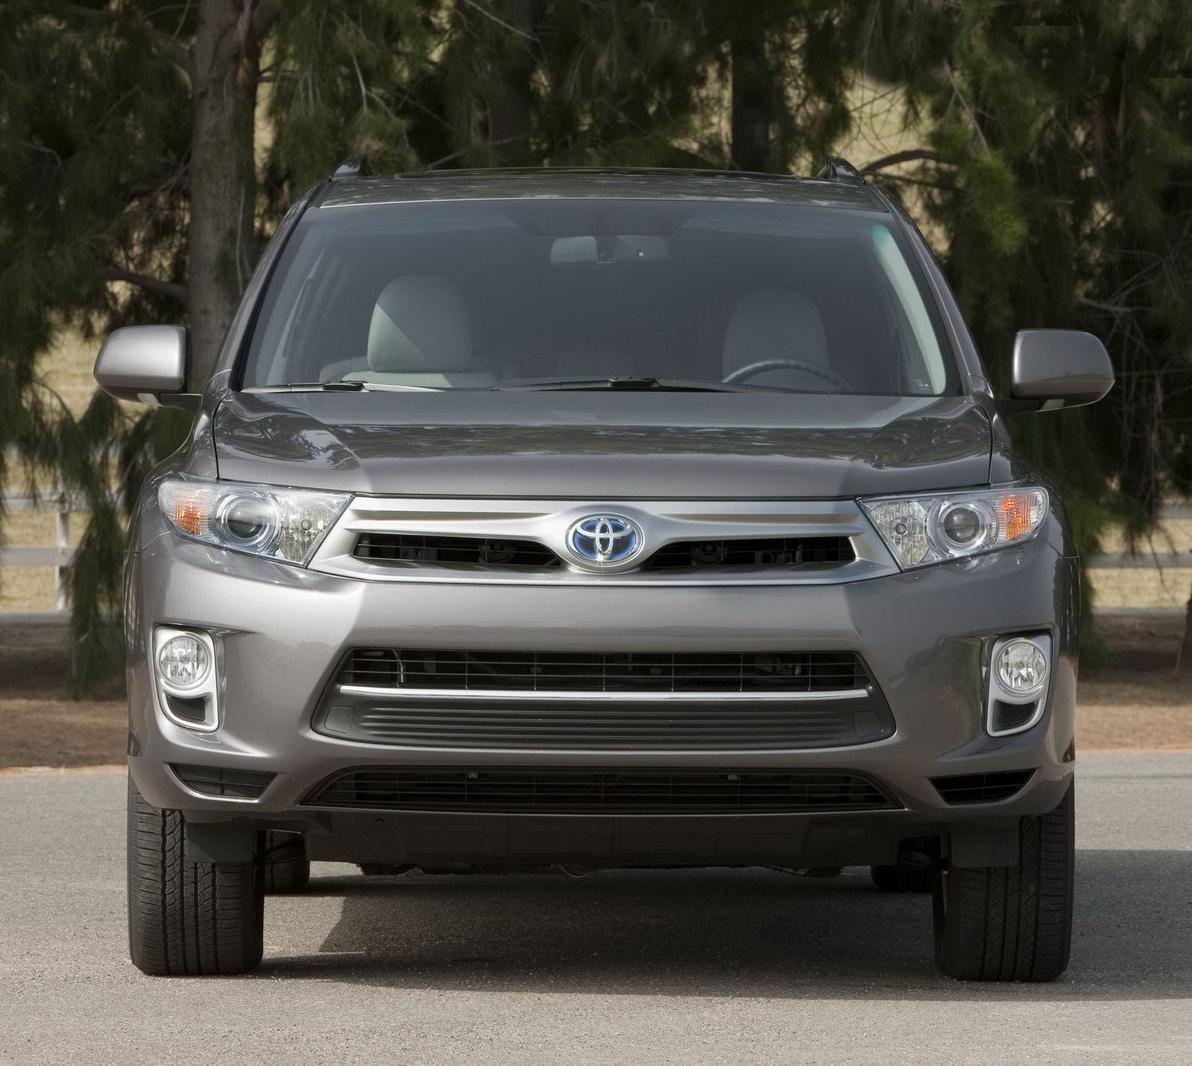 Toyota Highlander Reviews: 2011 Toyota Highlander Facelift